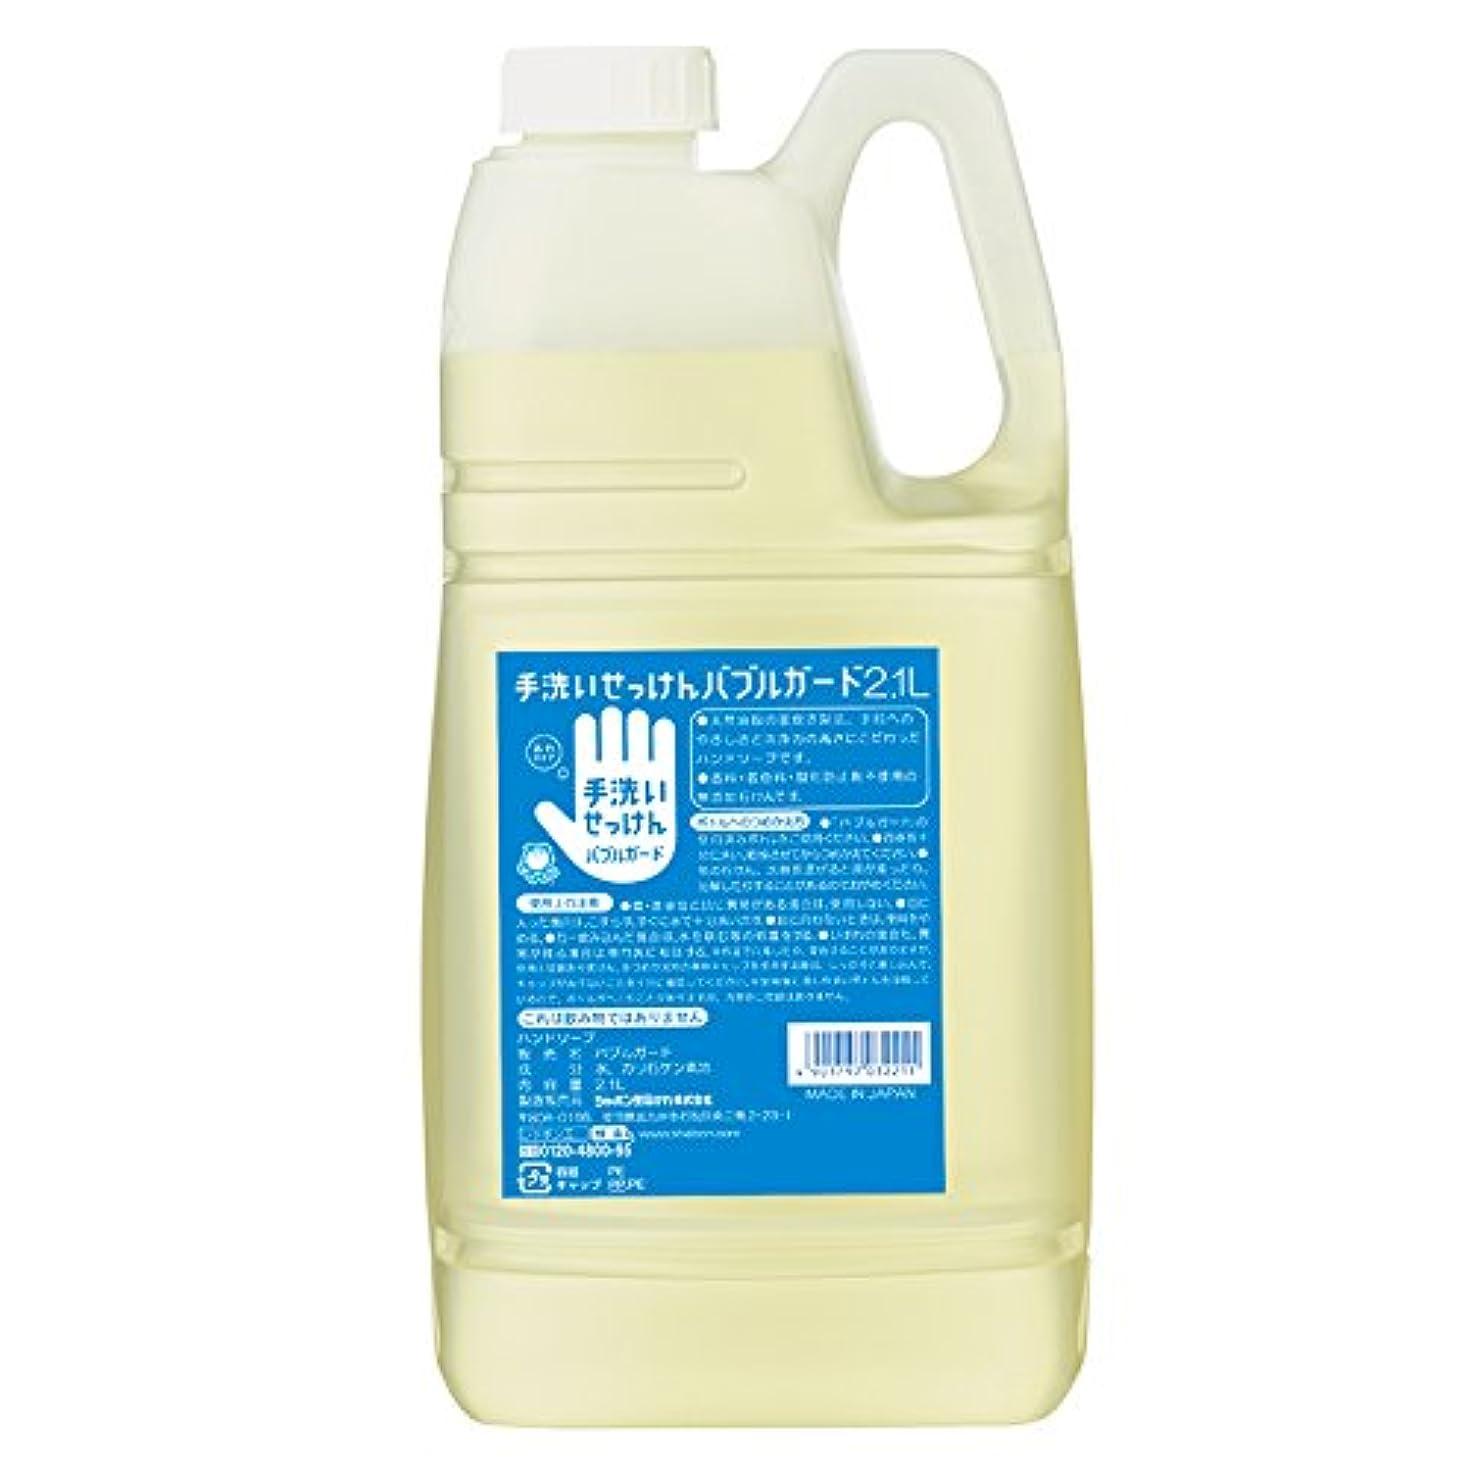 現実的雪だるま許容できるシャボン玉石けん 手洗いせっけん?ハンドソープ バブルガード 2.1L